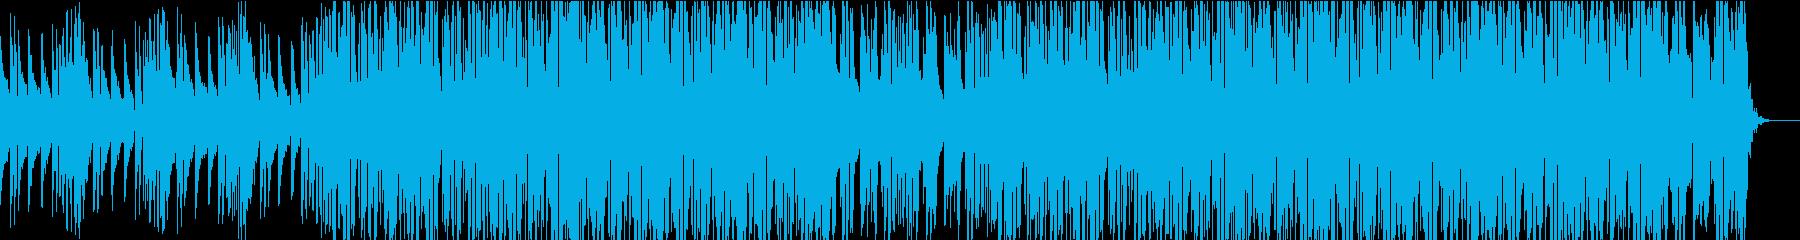 CMや映像に おしゃれなハウス・ダンスの再生済みの波形